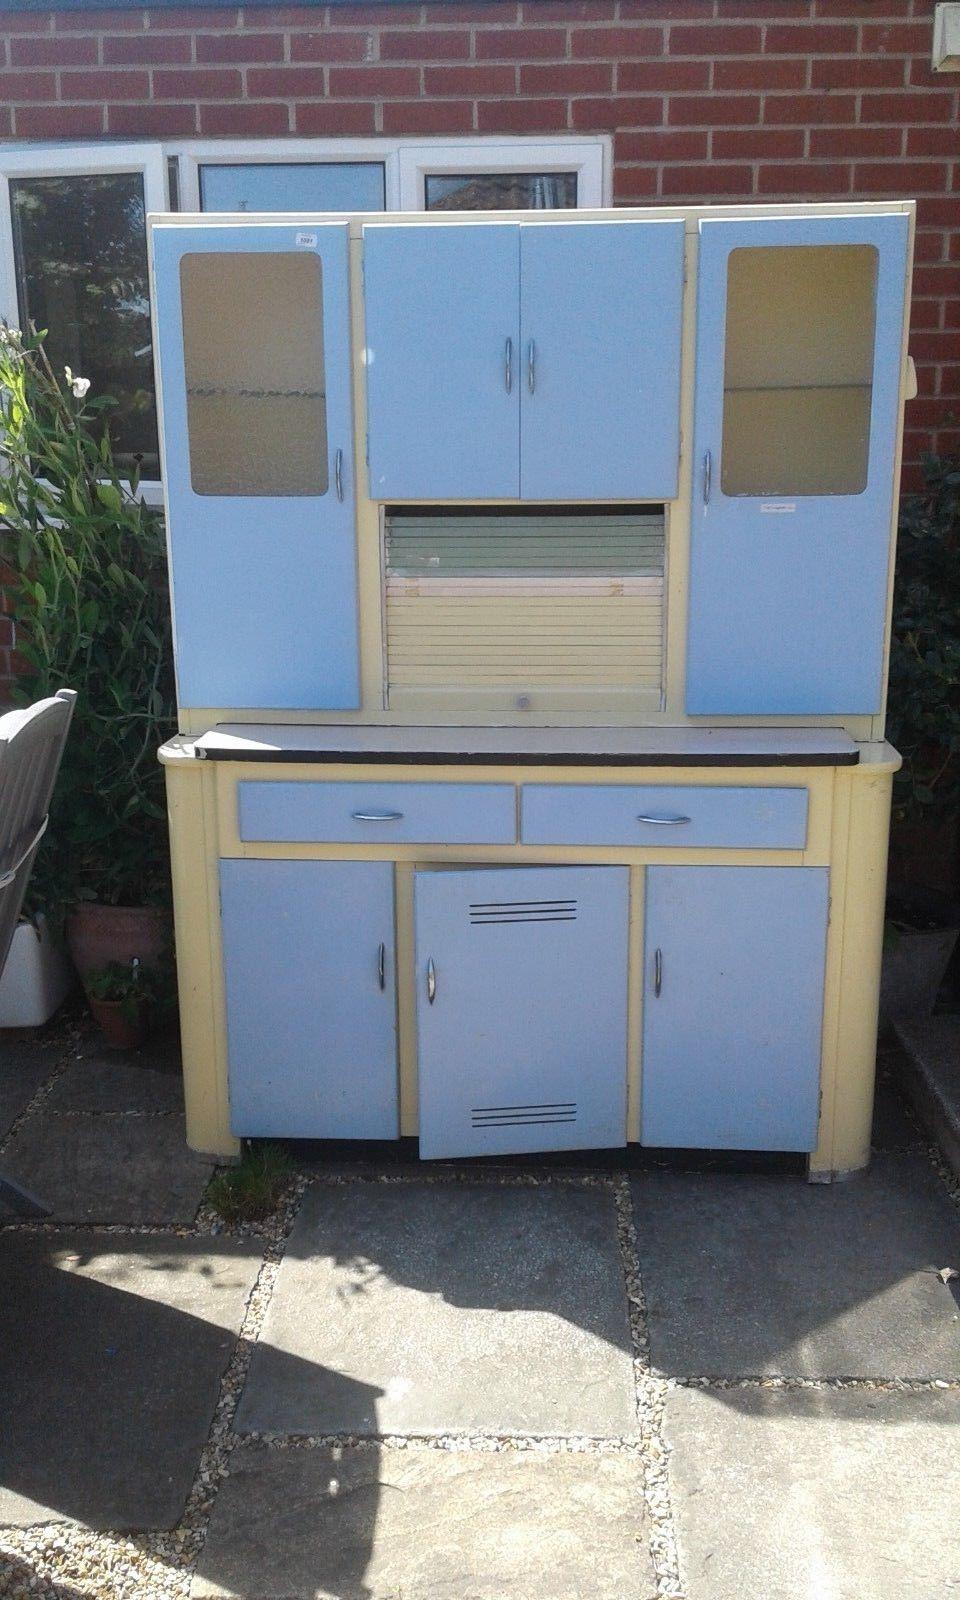 1950\'s vintage retro kitchenette kitchen unit cupboard | eBay ...